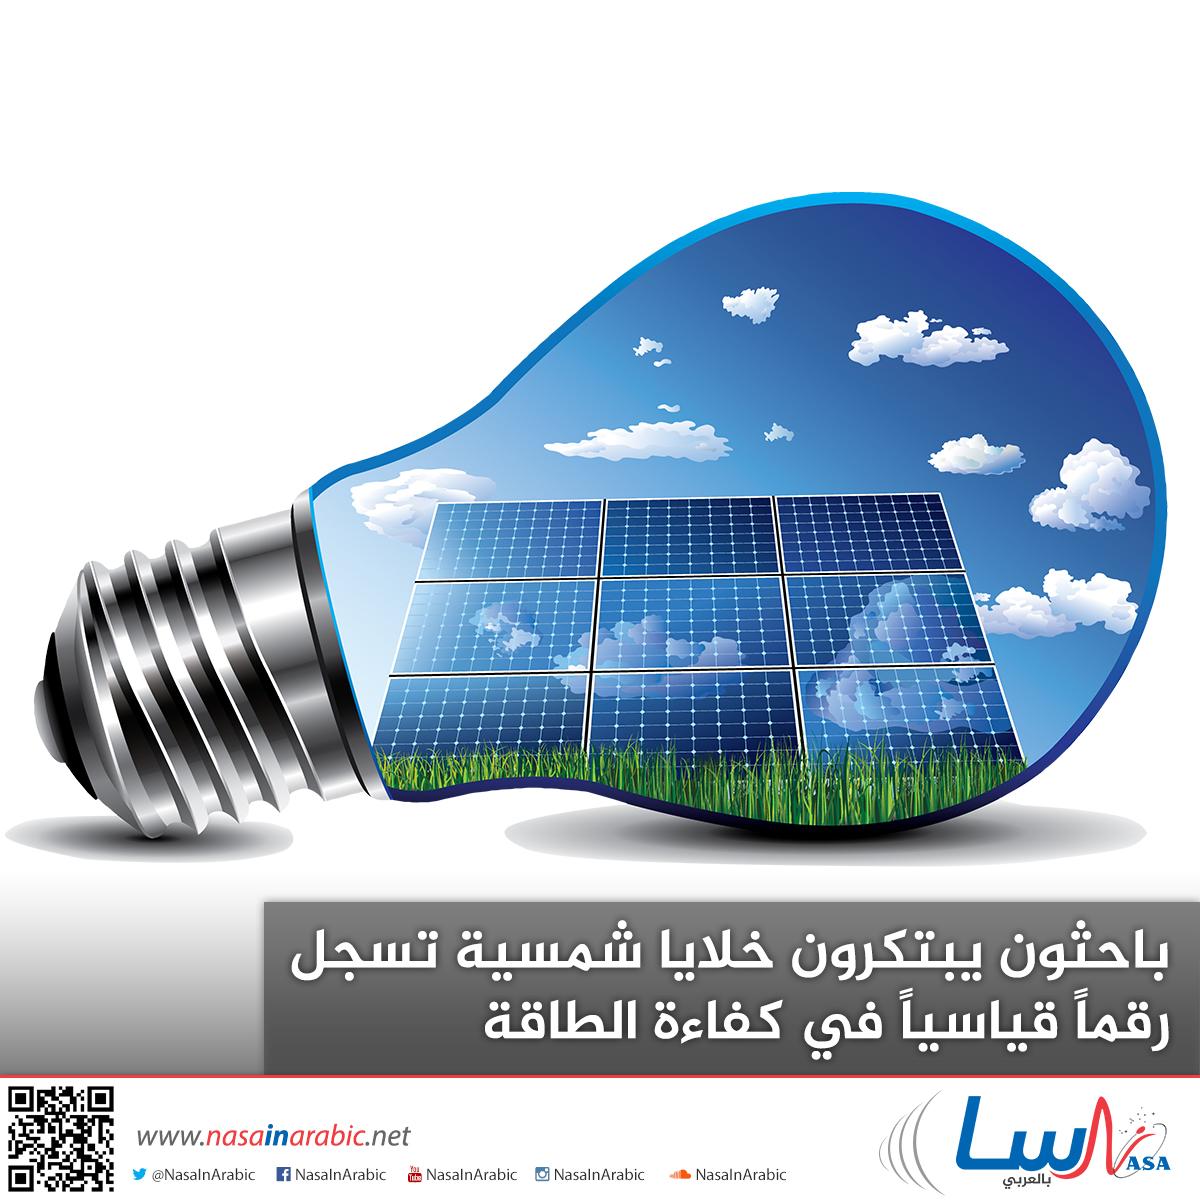 باحثون يبتكرون خلايا شمسية تسجل رقماً قياسياً في كفاءة الطاقة